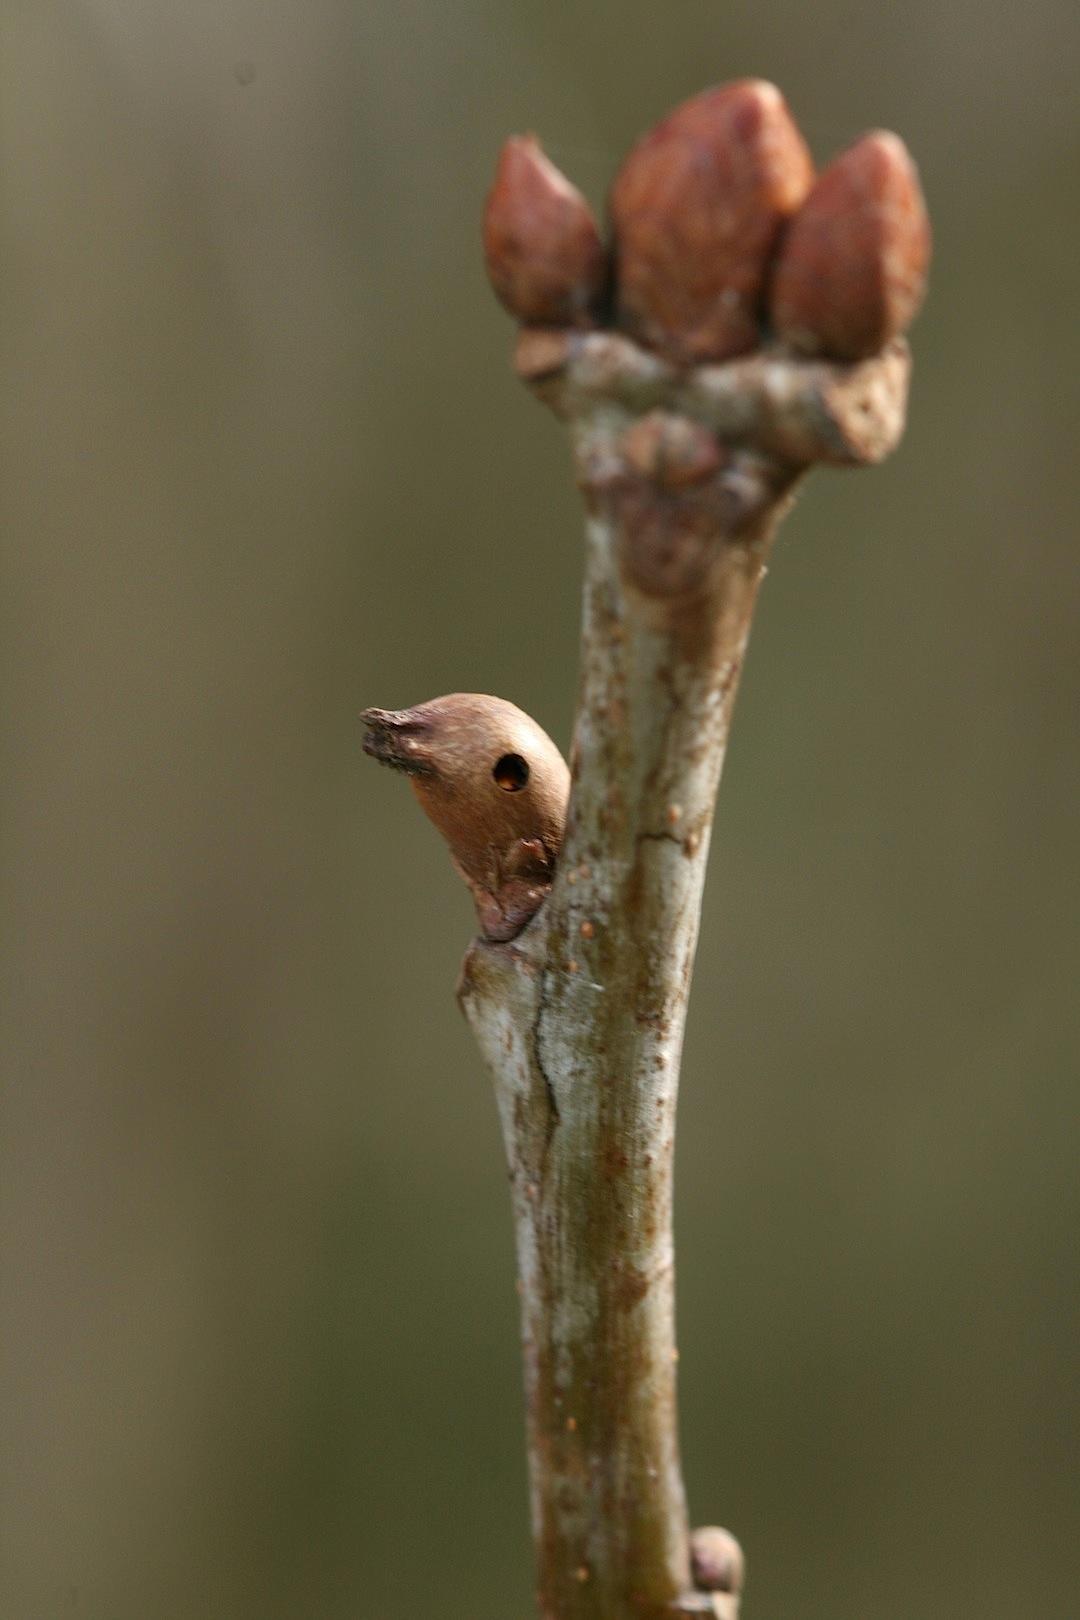 Andricus solitarius (Andricus solitarius)